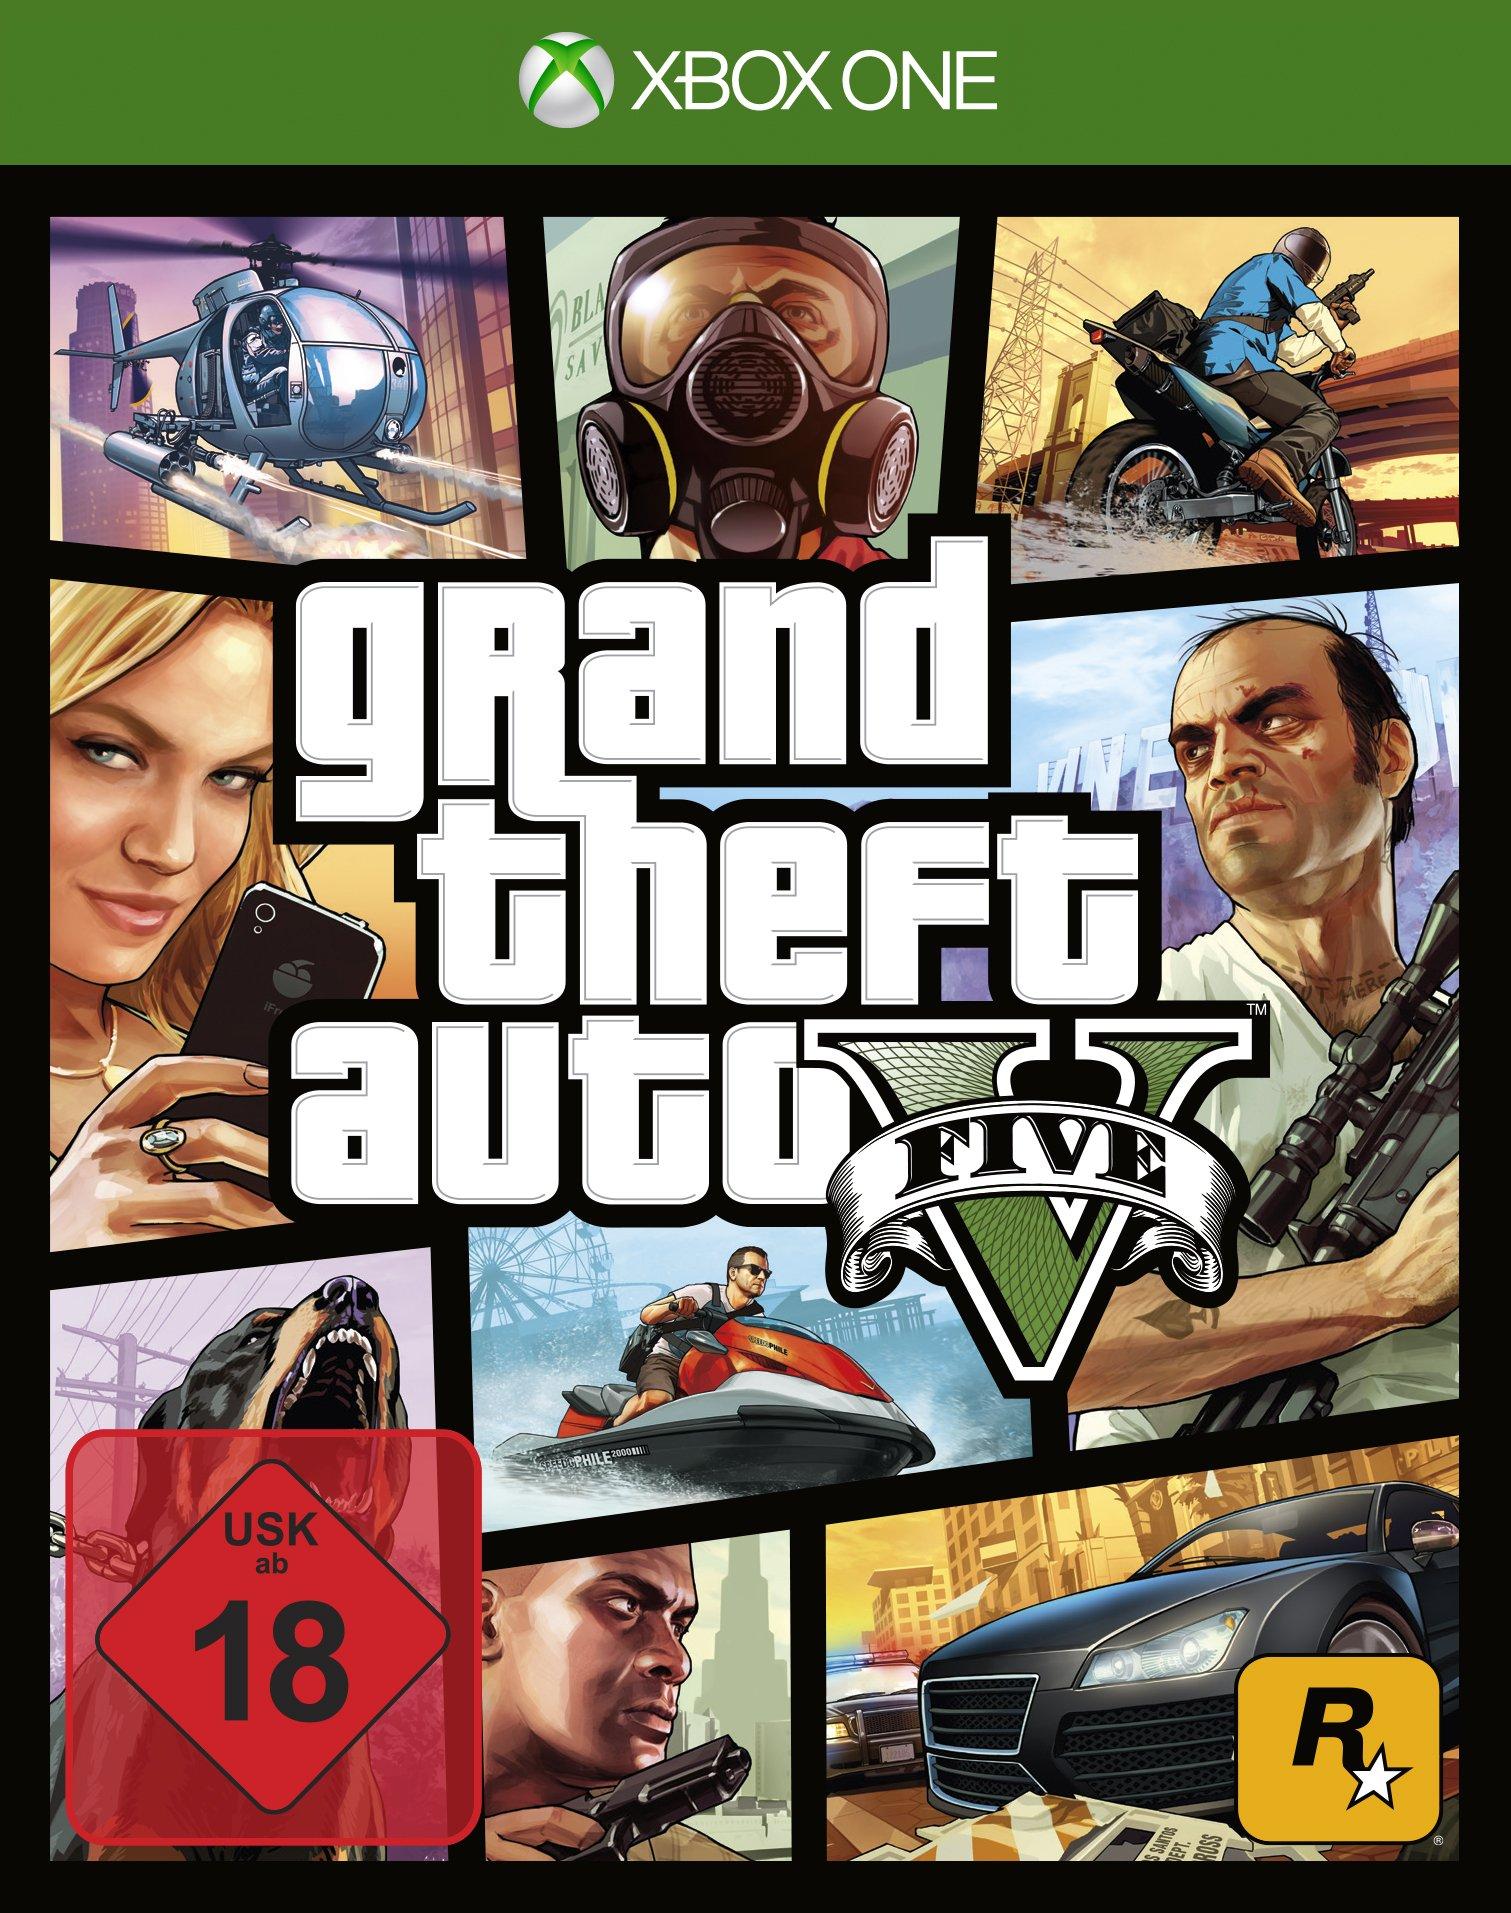 Rockstar Games Grand Theft Auto V Xbox One Básico Xbox One Alemán vídeo - Juego (Xbox One, Acción, Modo multijugador, M (Maduro)): Amazon.es: Videojuegos